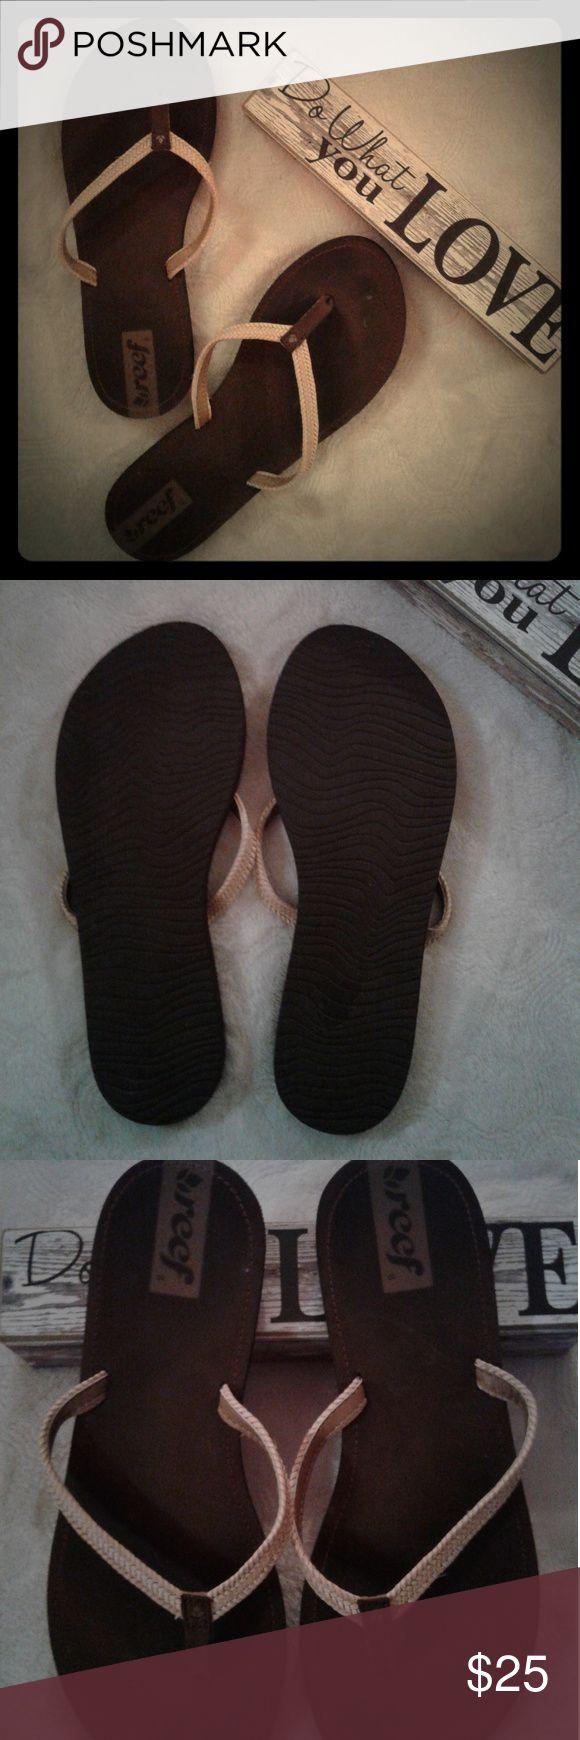 REEF Women's Flip Flops, 8, Brown, Tan REEF Women's Flip Flops, 8, Brown, Tan  Worn only several times. Reef Shoes Sandals